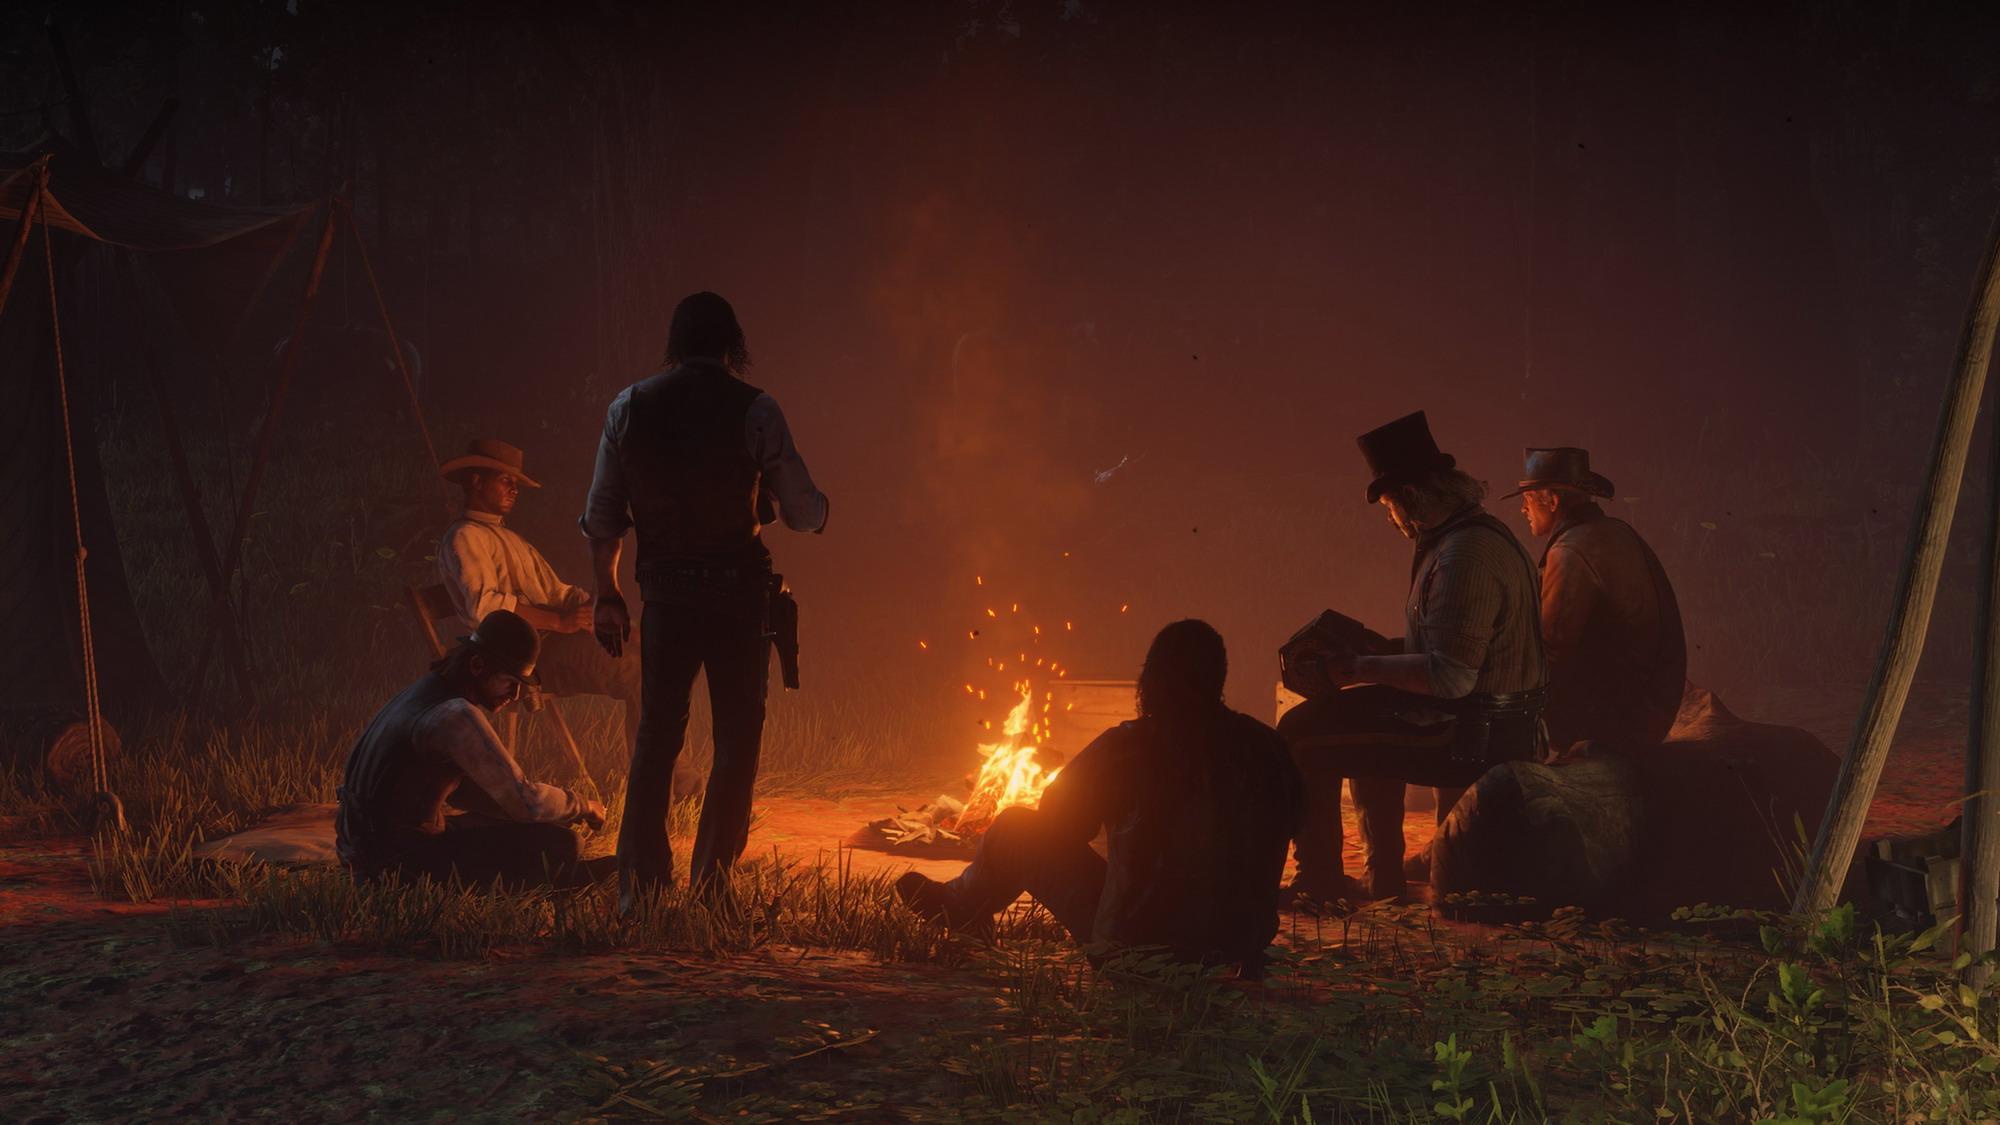 《荒野大镖客2》首日补丁容量曝光 各地游戏解锁时间公开